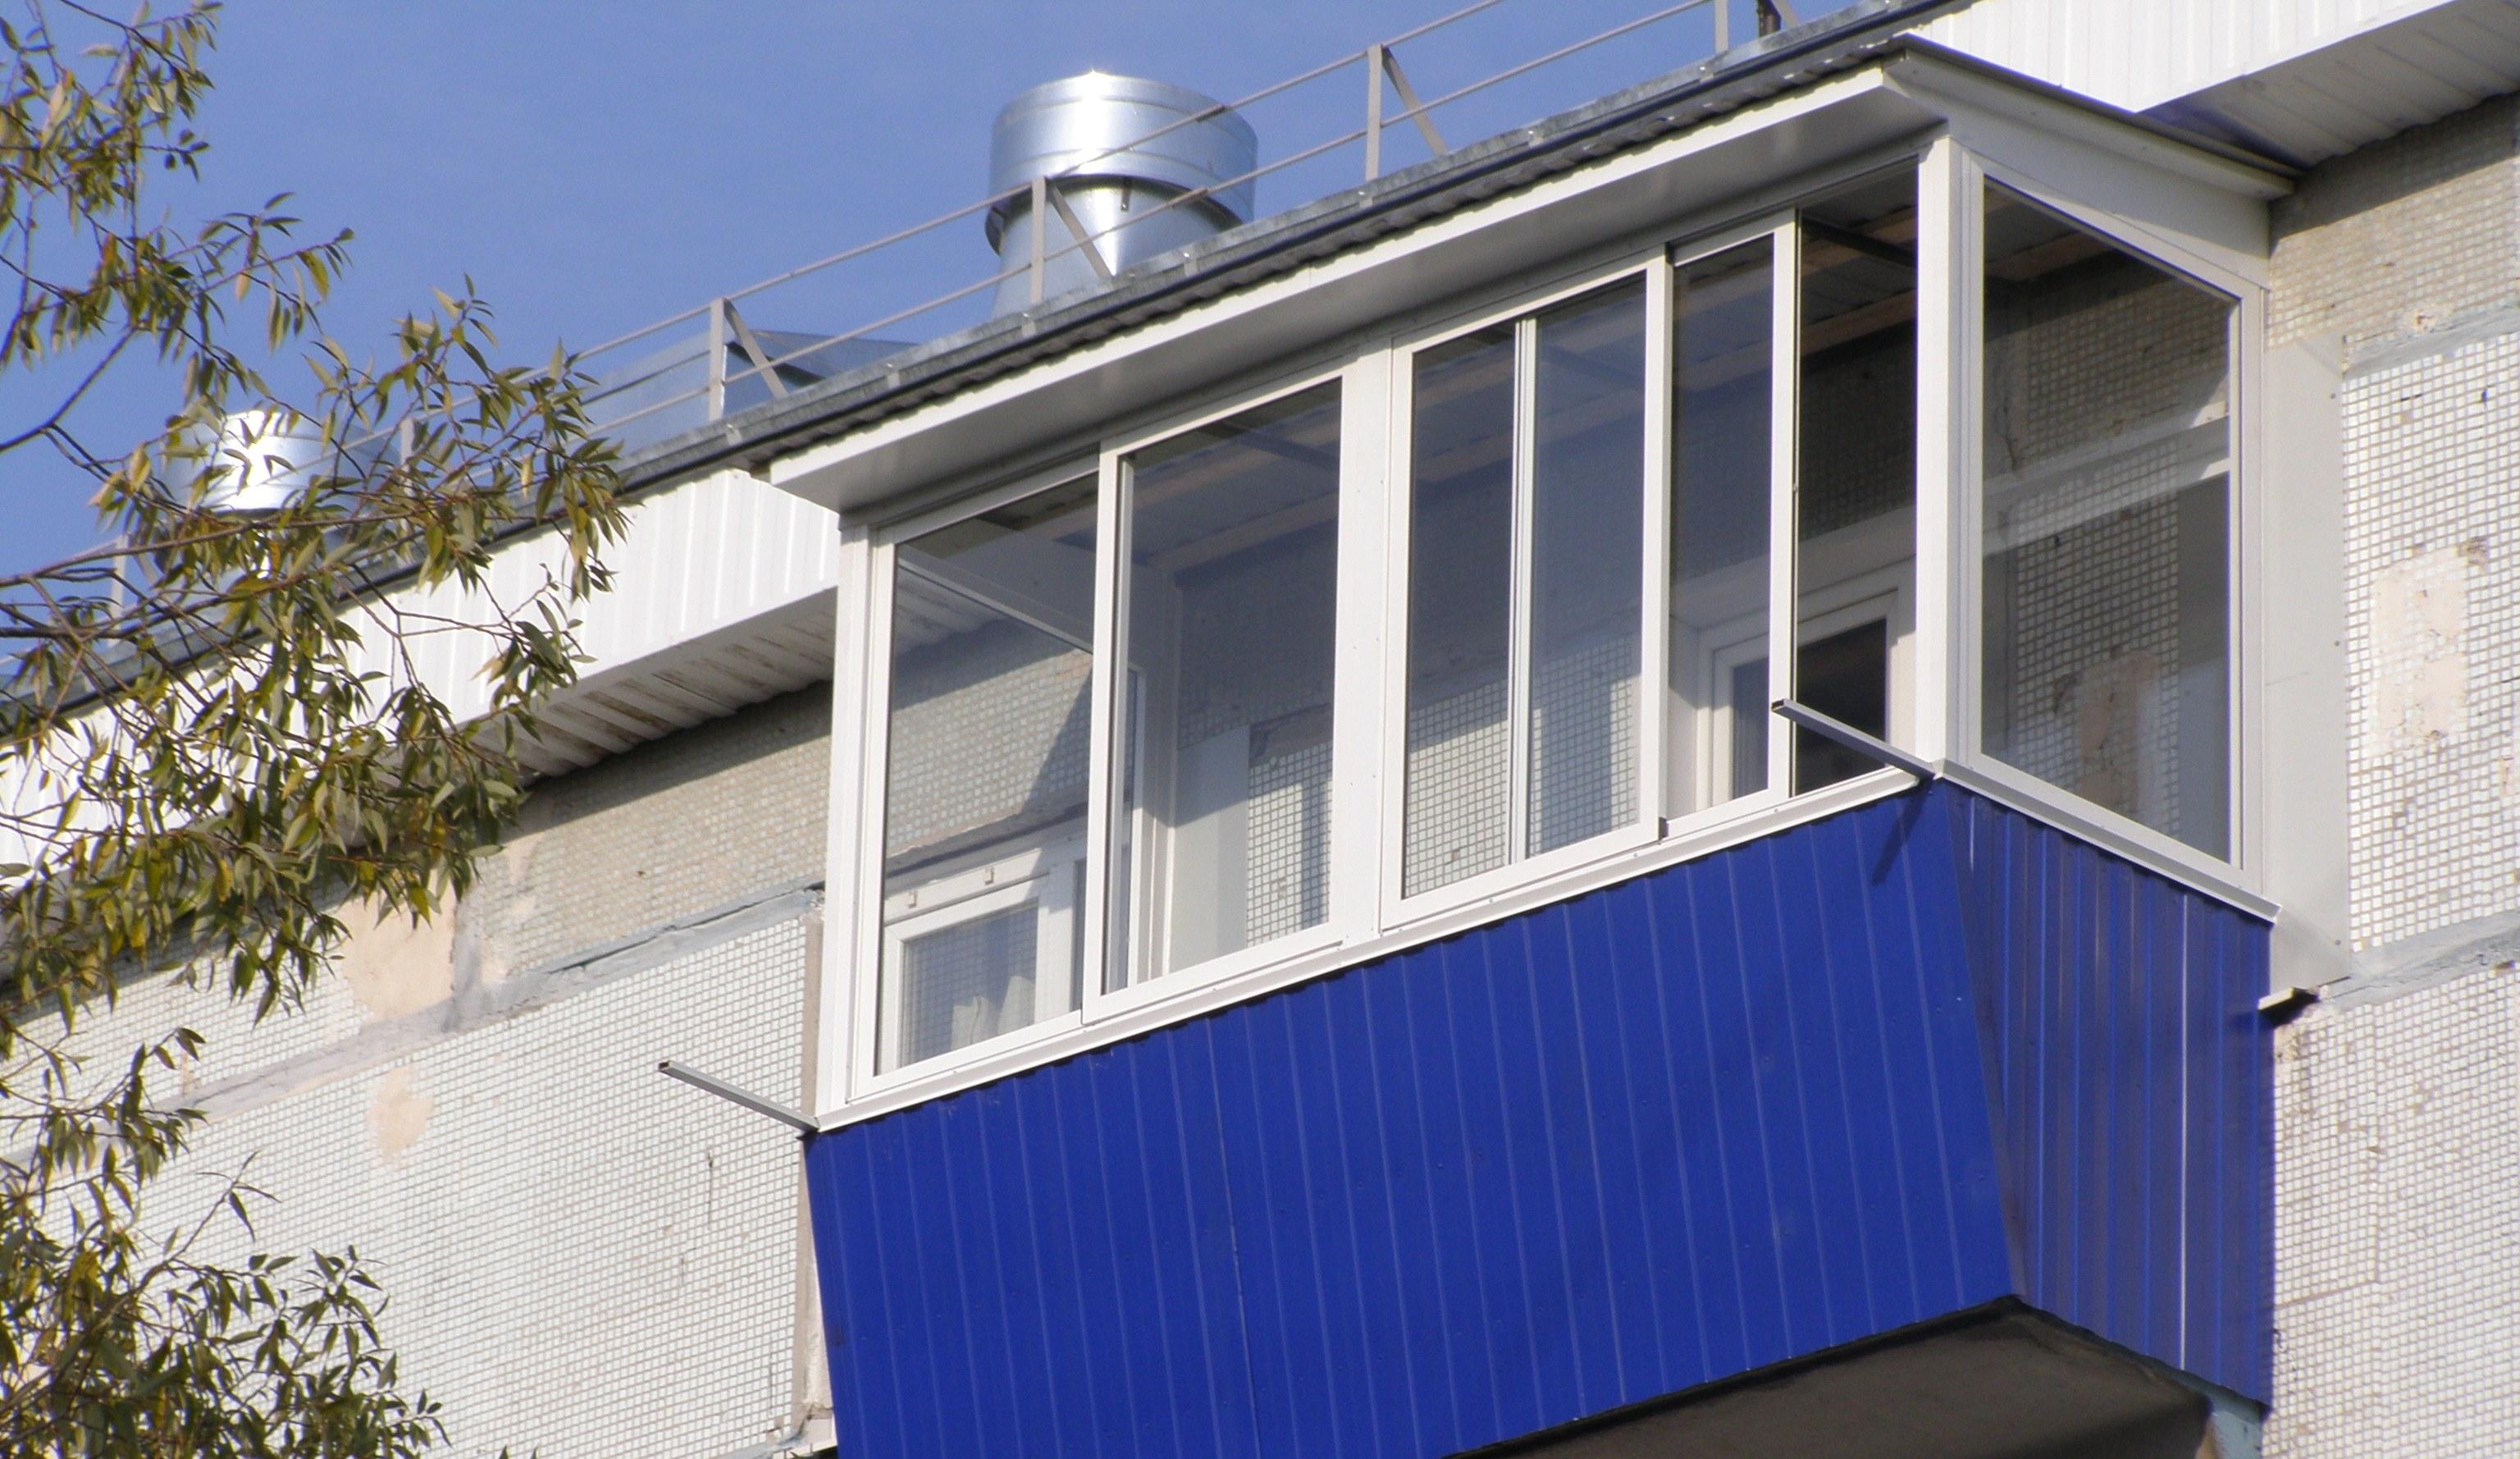 Проблемы остекления балконов в хрущевках и пути их решения. .